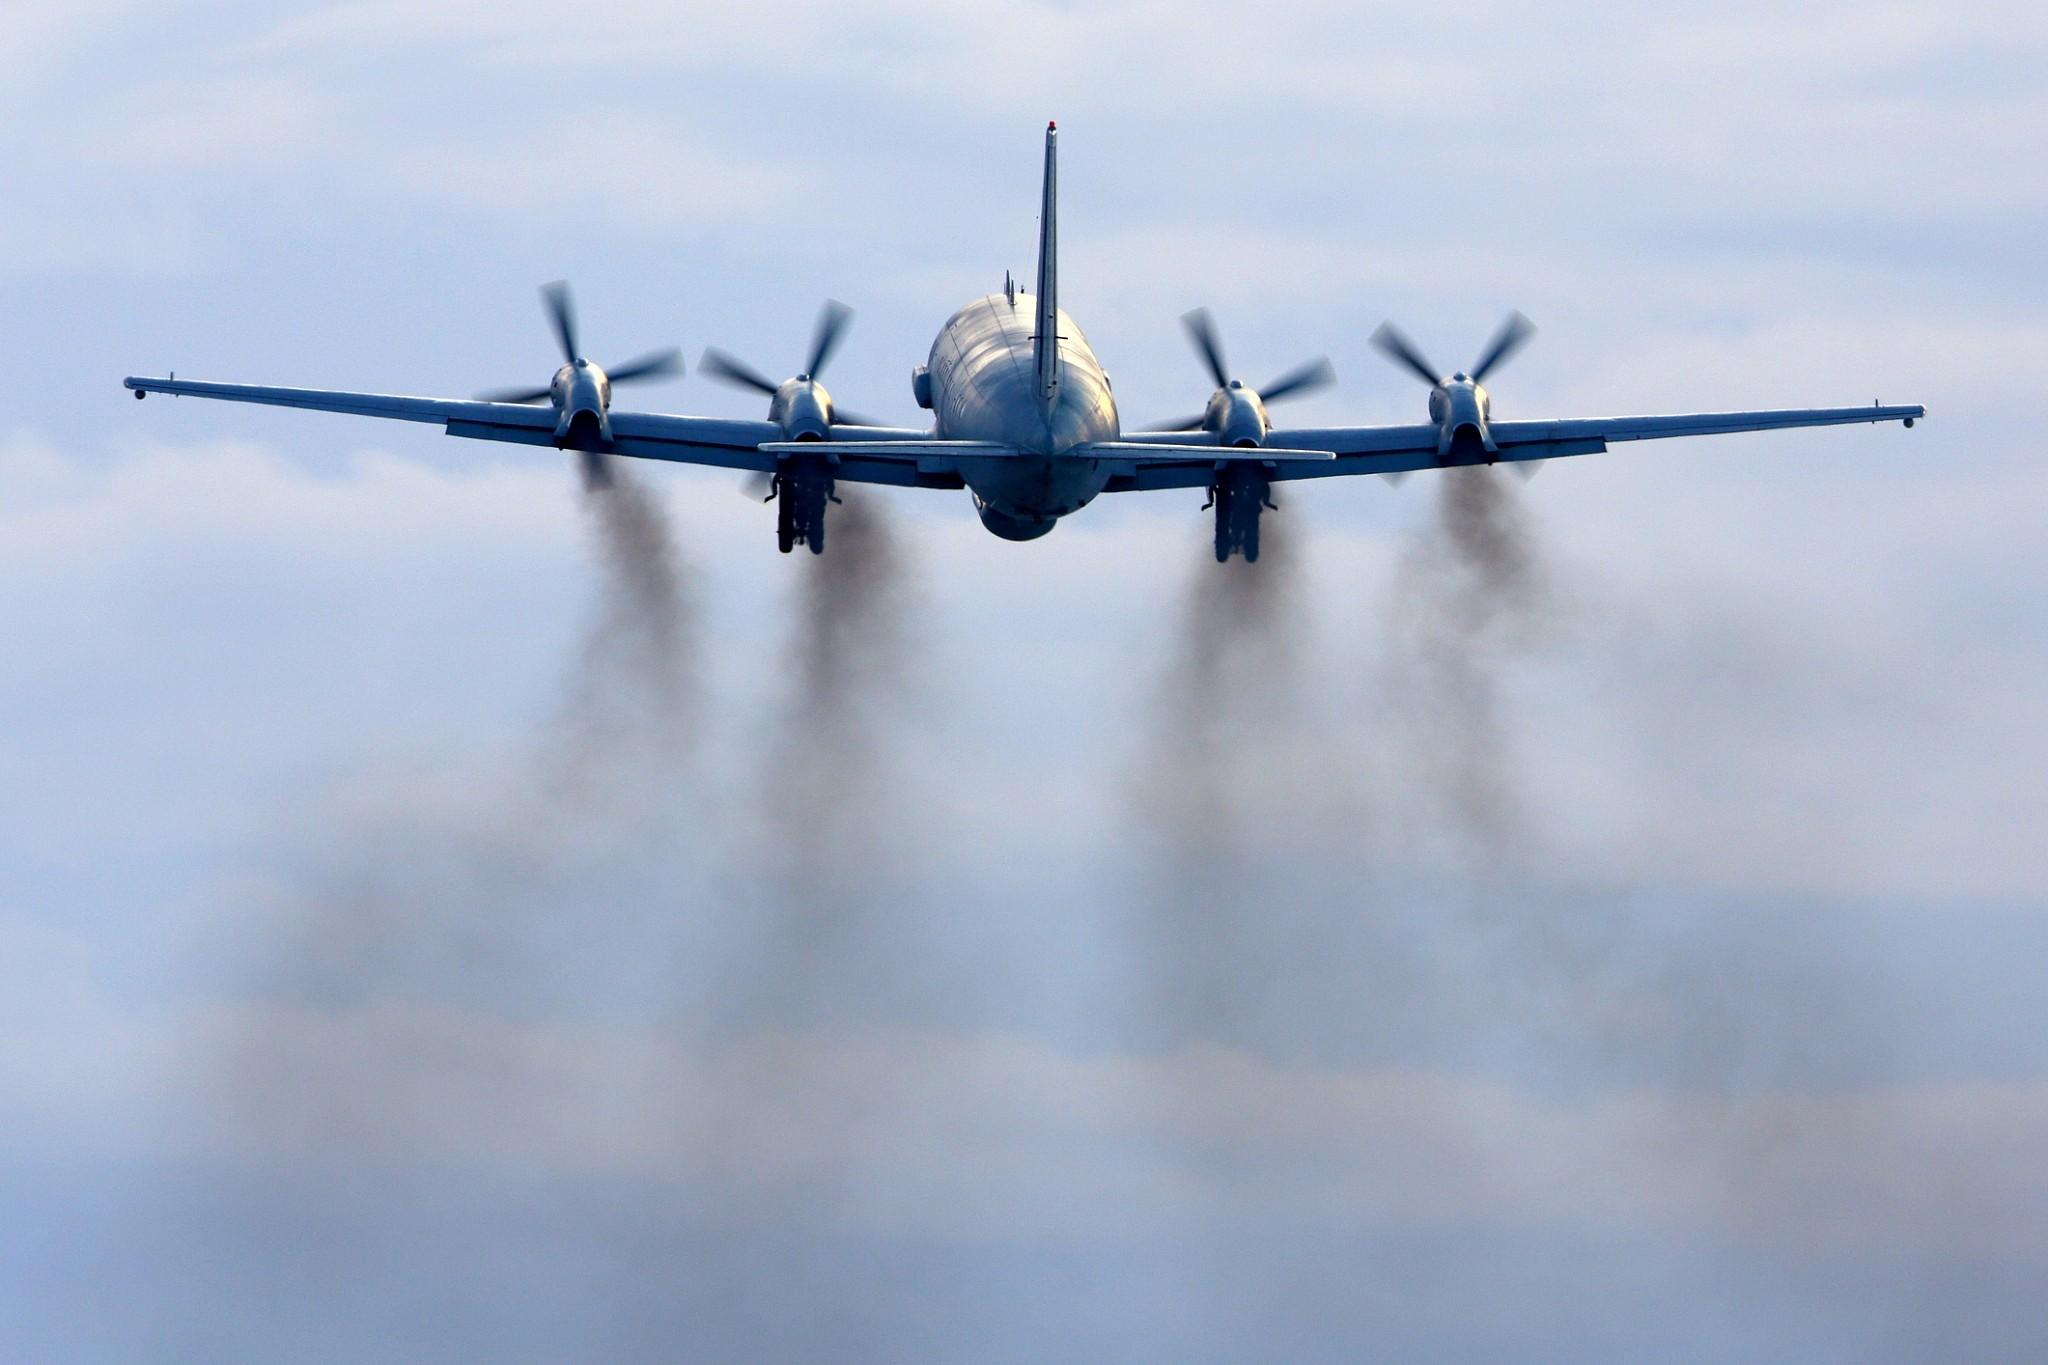 Bildergebnis für israeli jets hiding behind russian plane images